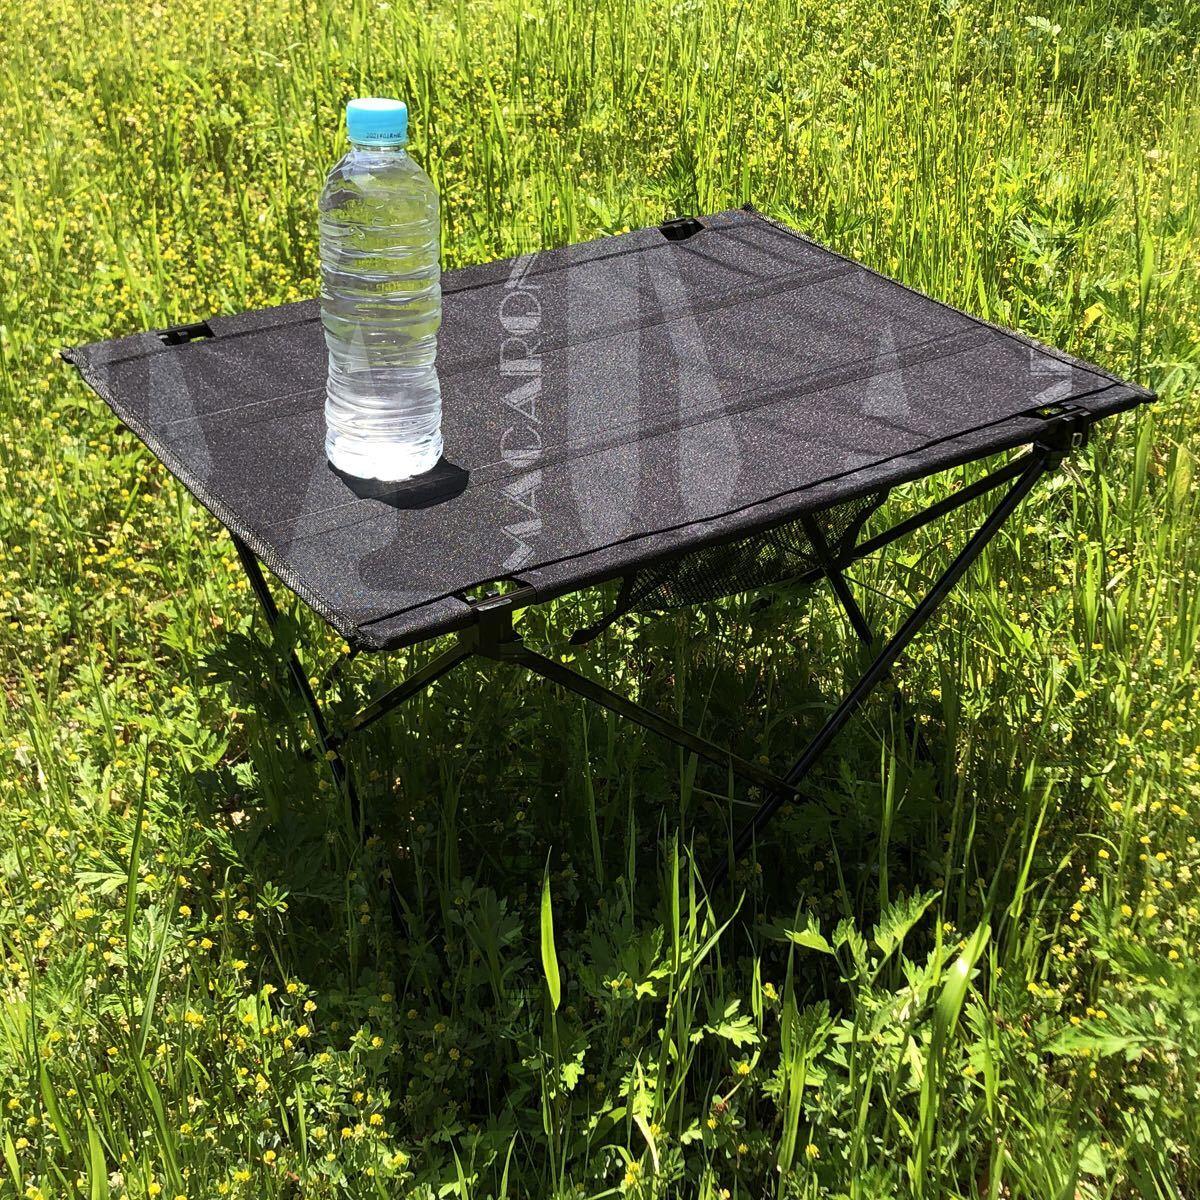 アウトドア テーブル 布テーブル 折りたたみ 収納袋付き 軽量 防水 専用ケース